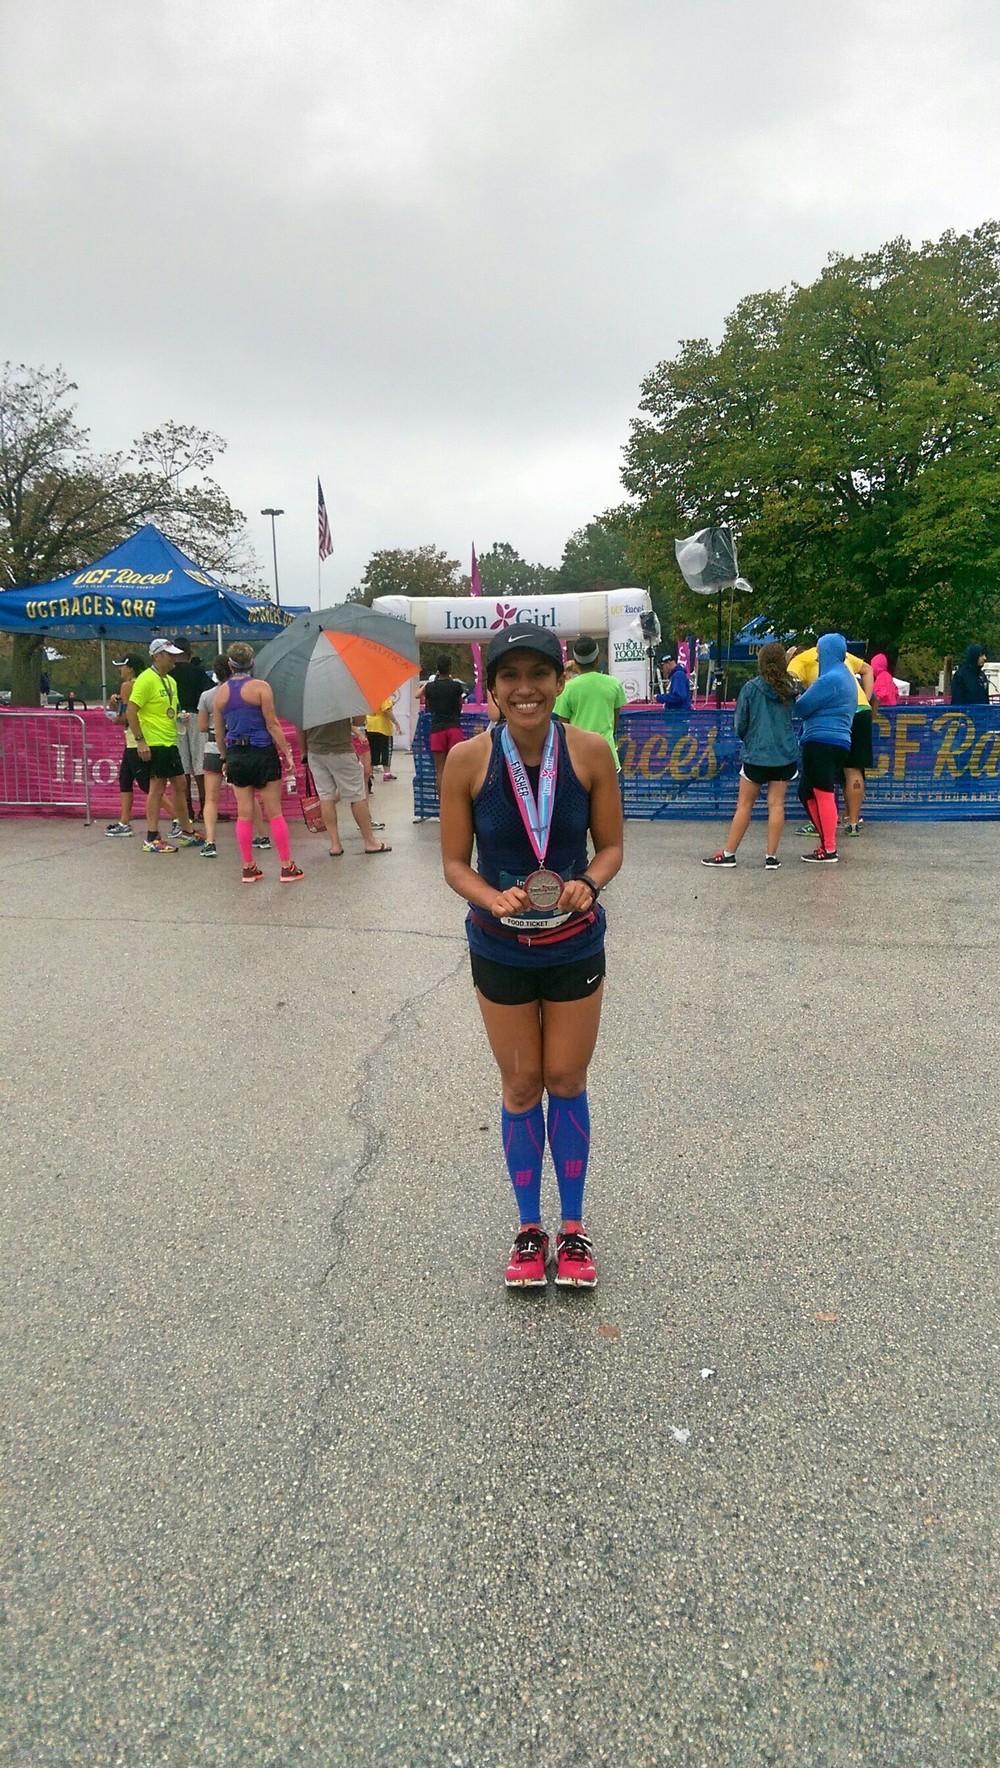 Iron Girl finisher!